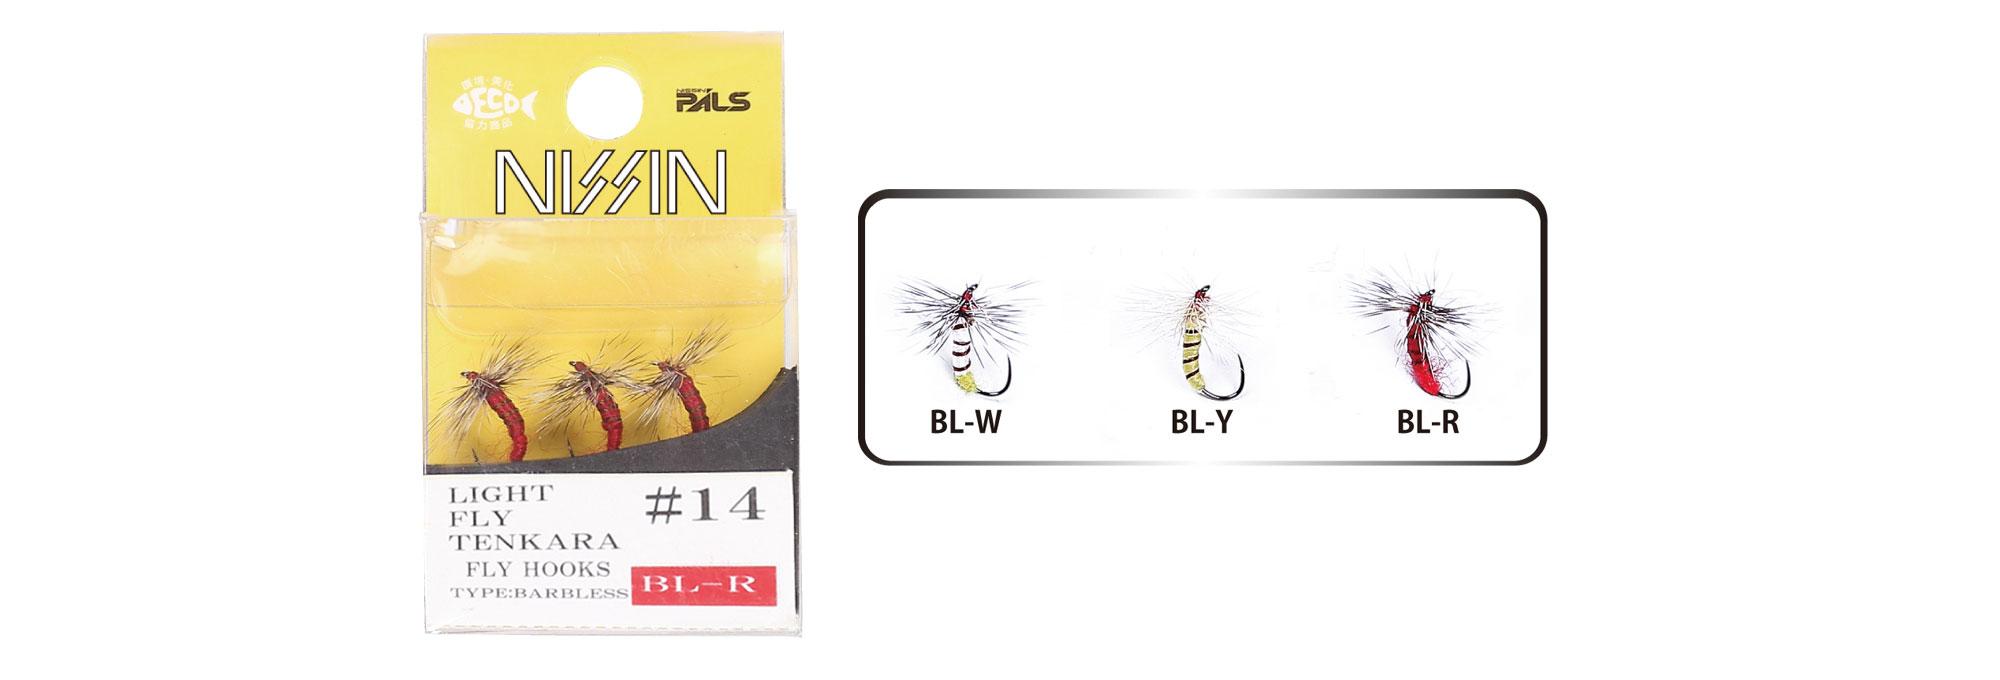 LIGHT FLY TENKARA 毛鈎